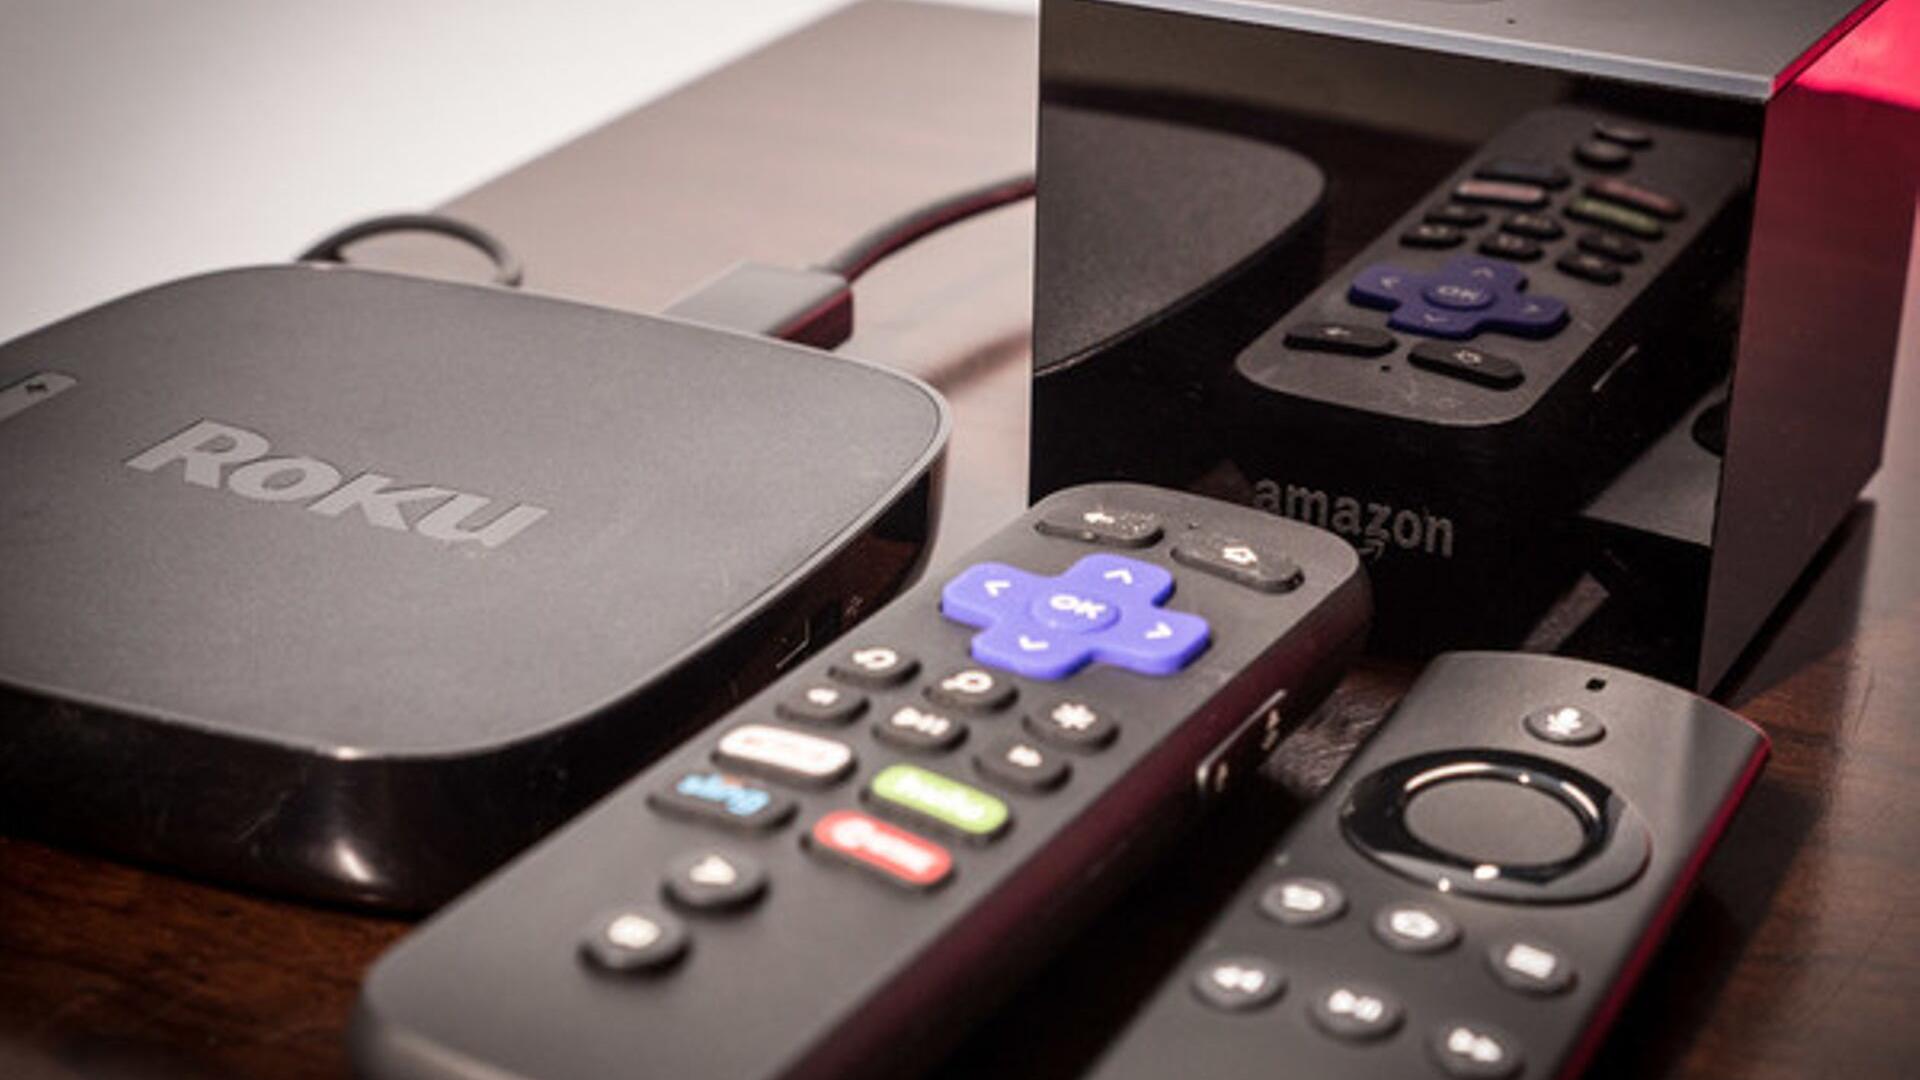 Roku Wireless Setup (With images) Fire tv, Roku, Amazon